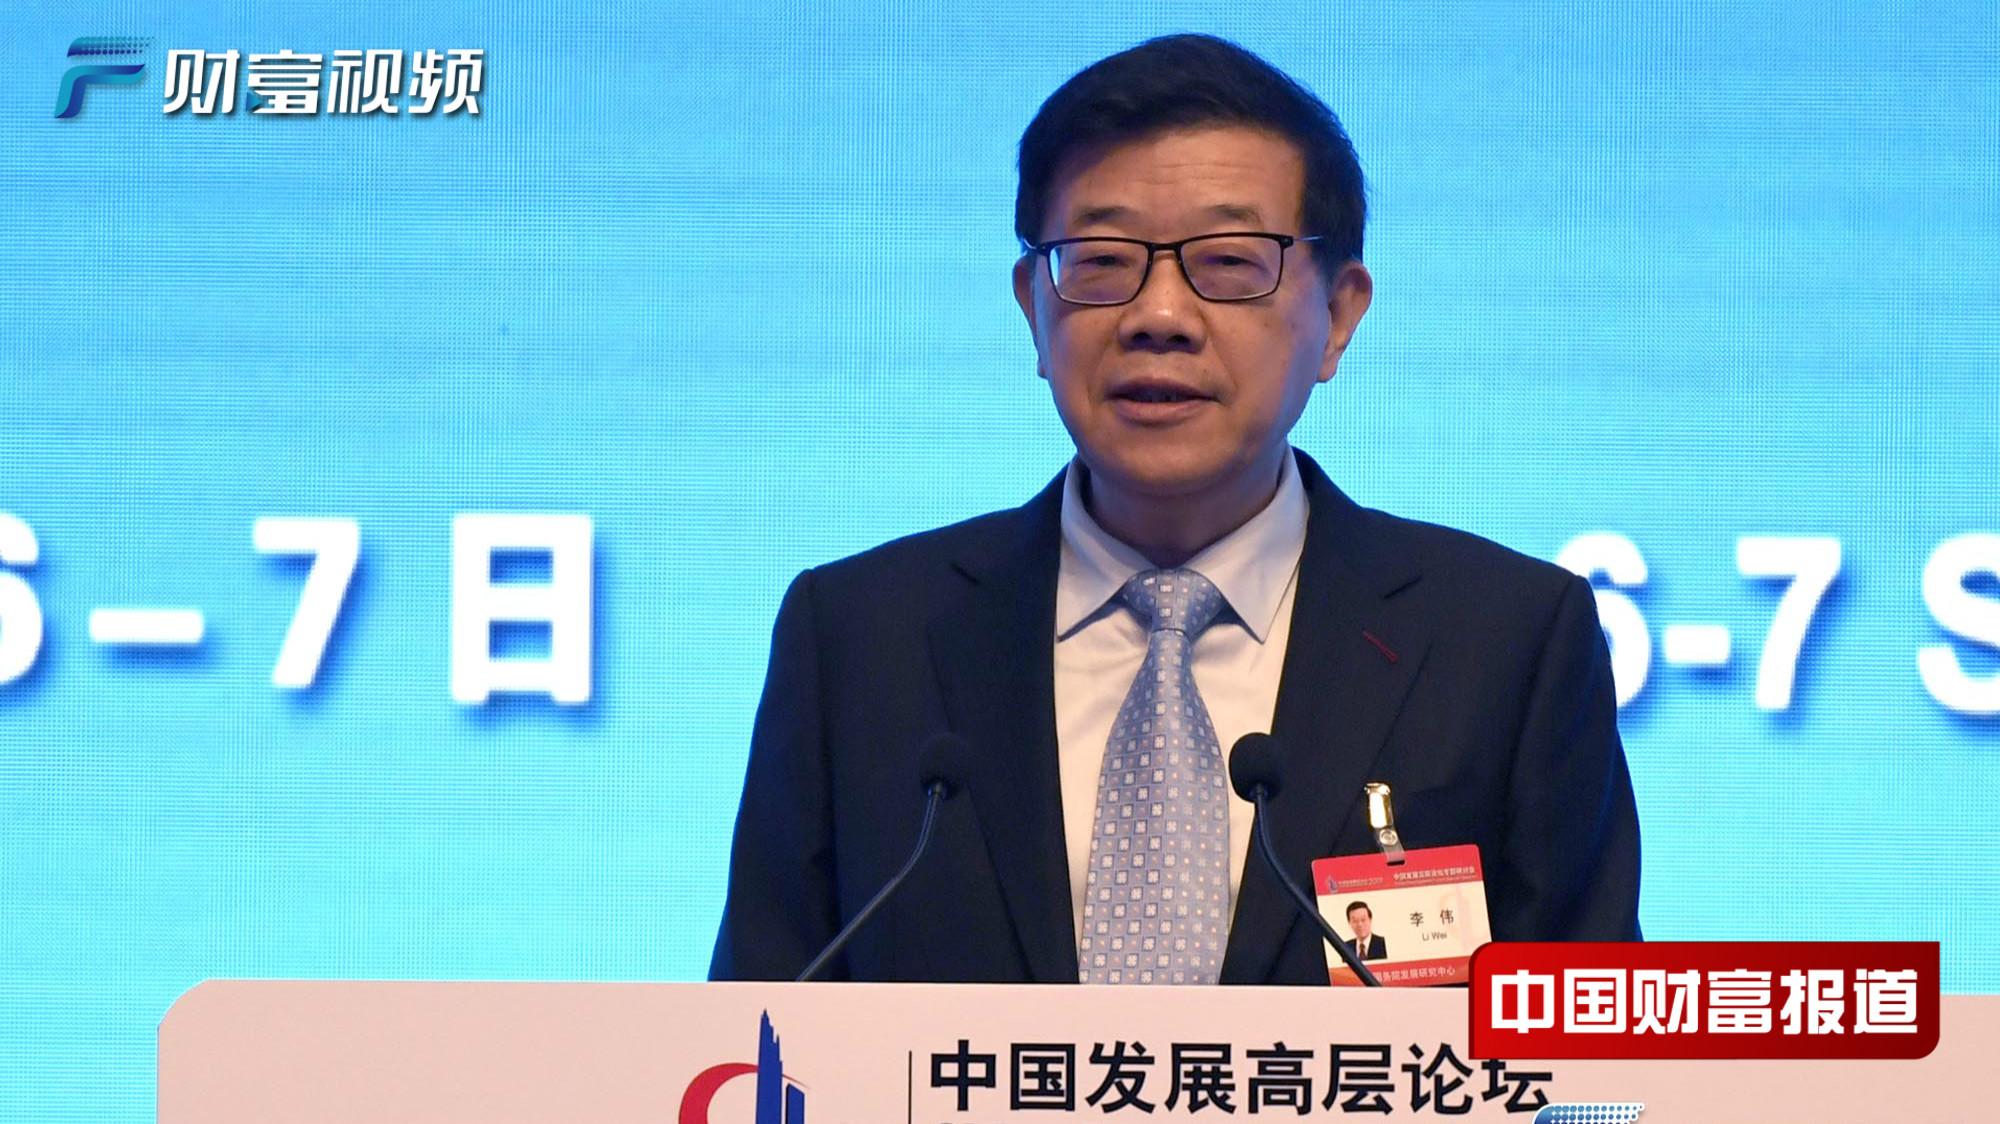 【中国财富报道】李伟:中国开放的大门只会越开越大